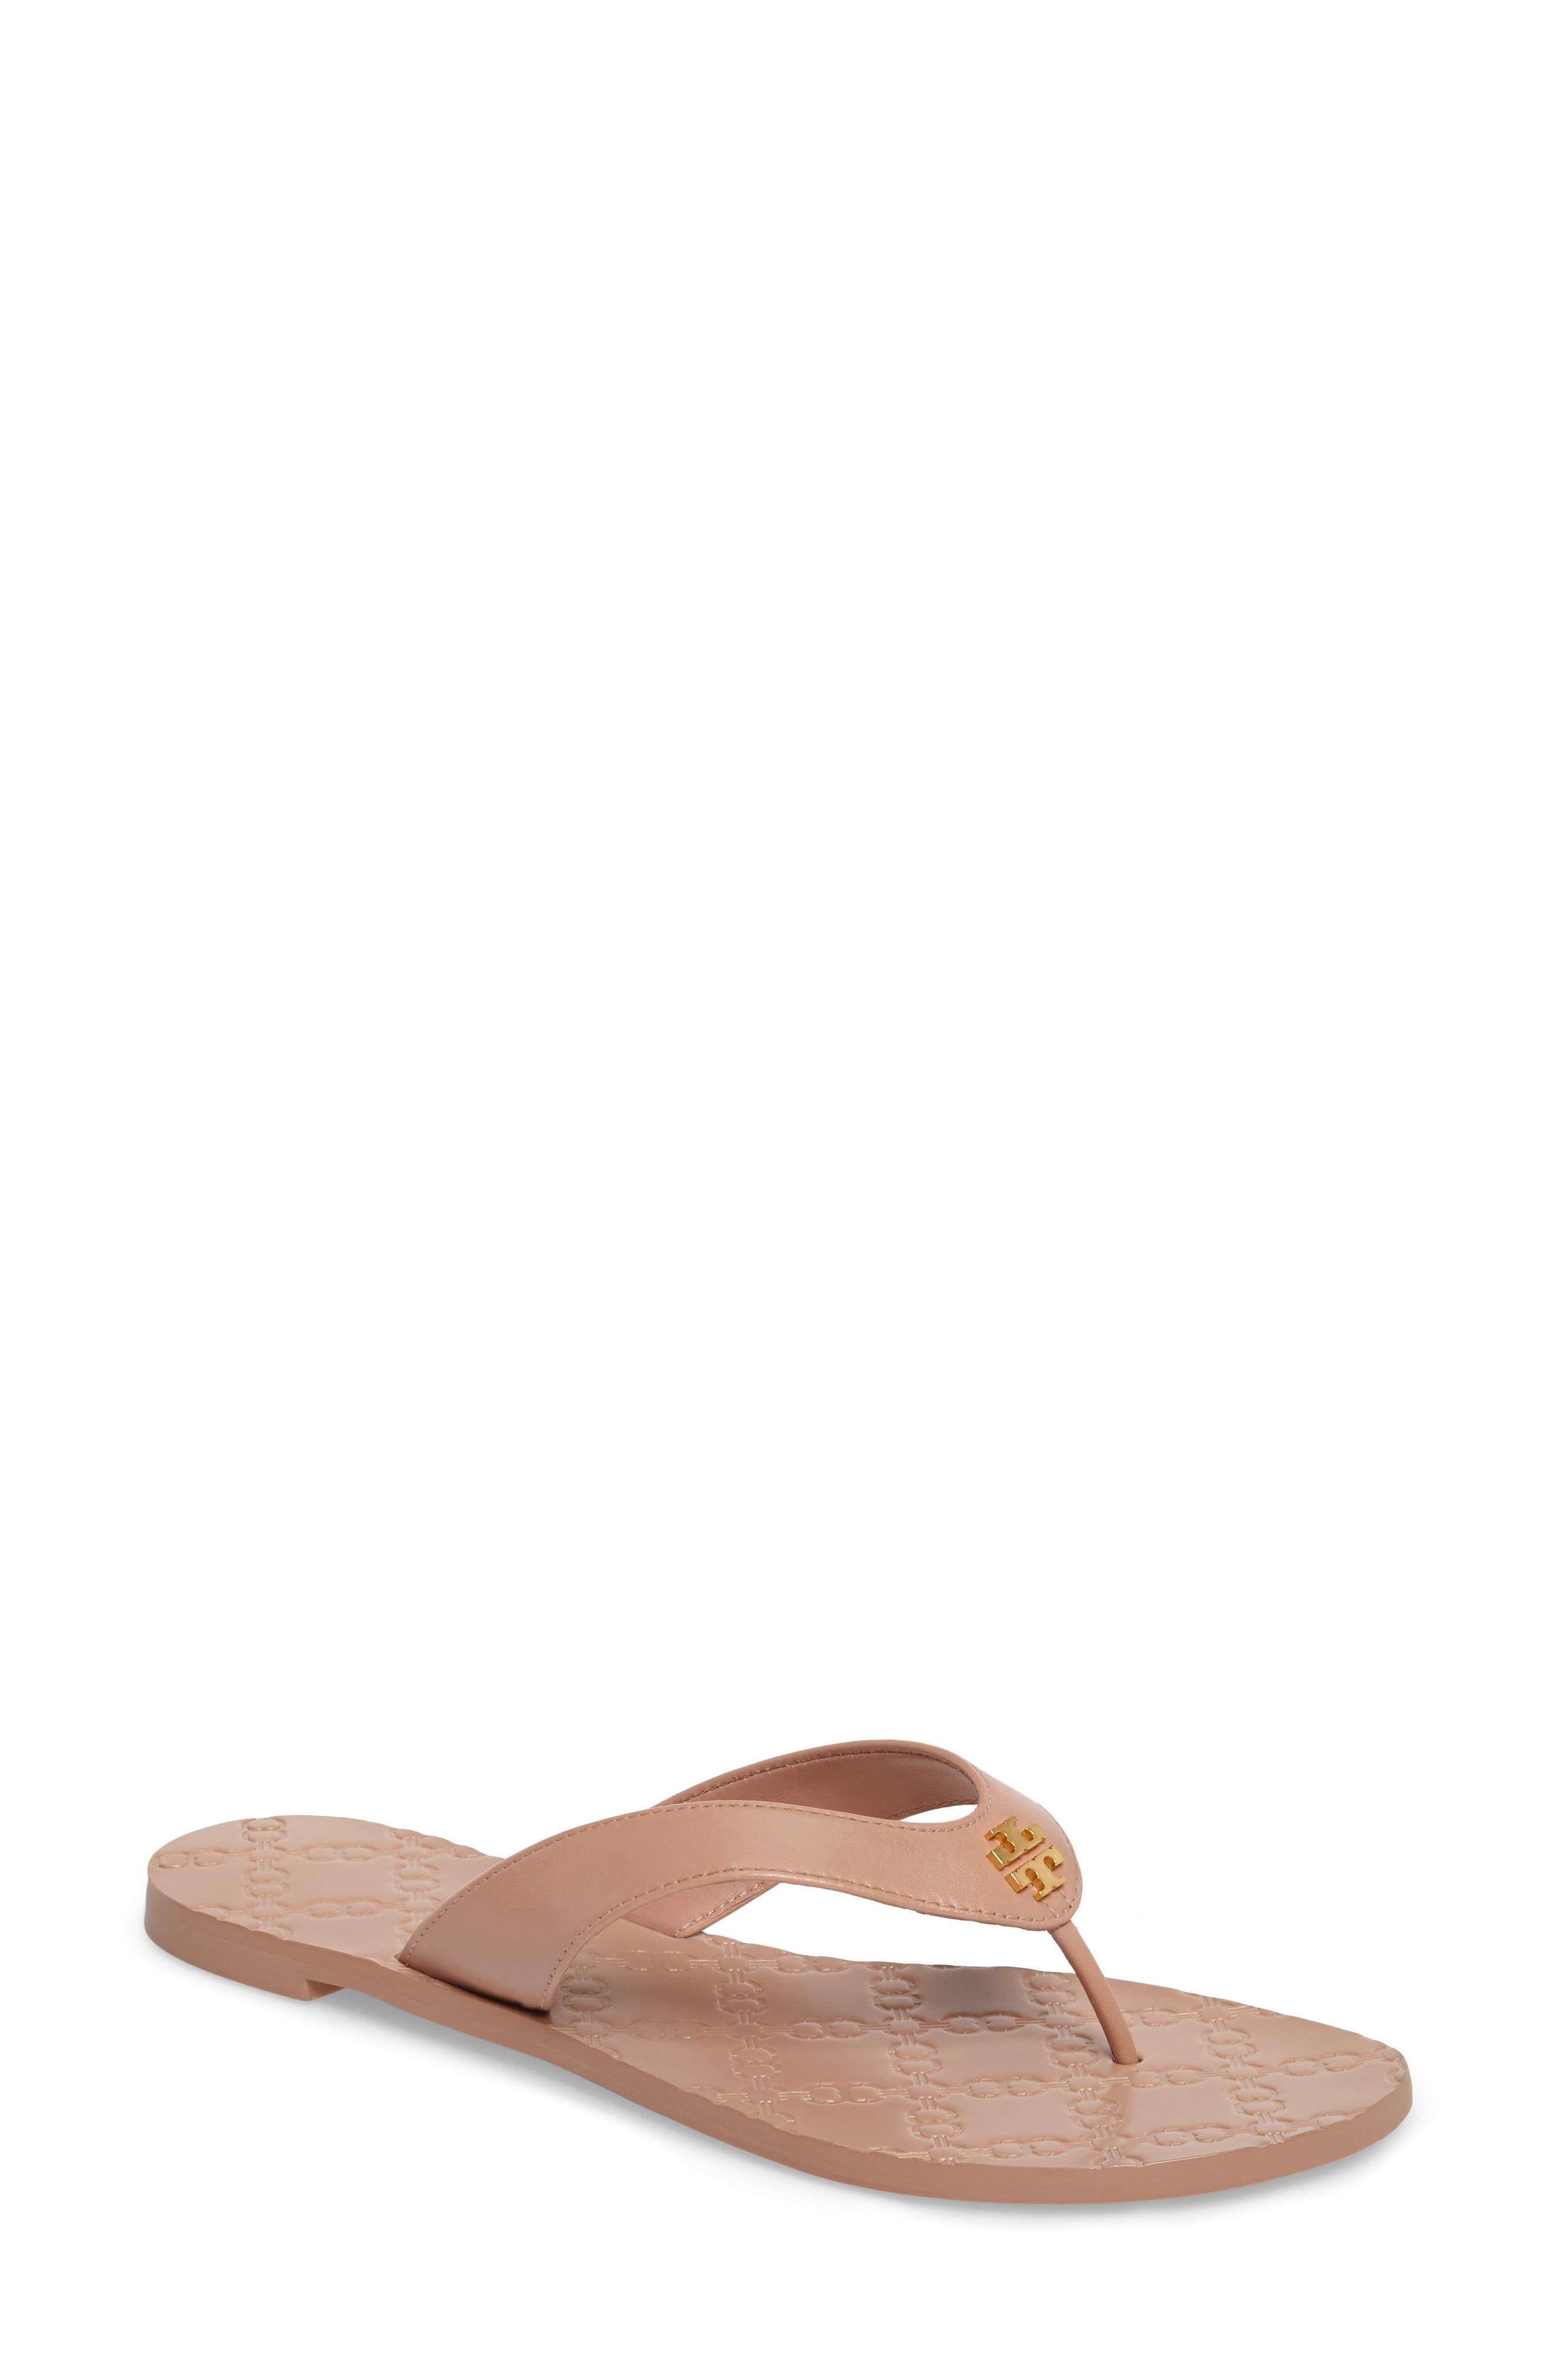 Monroe Flip Flop,                         Main,                         color, LIGHT MAKEUP